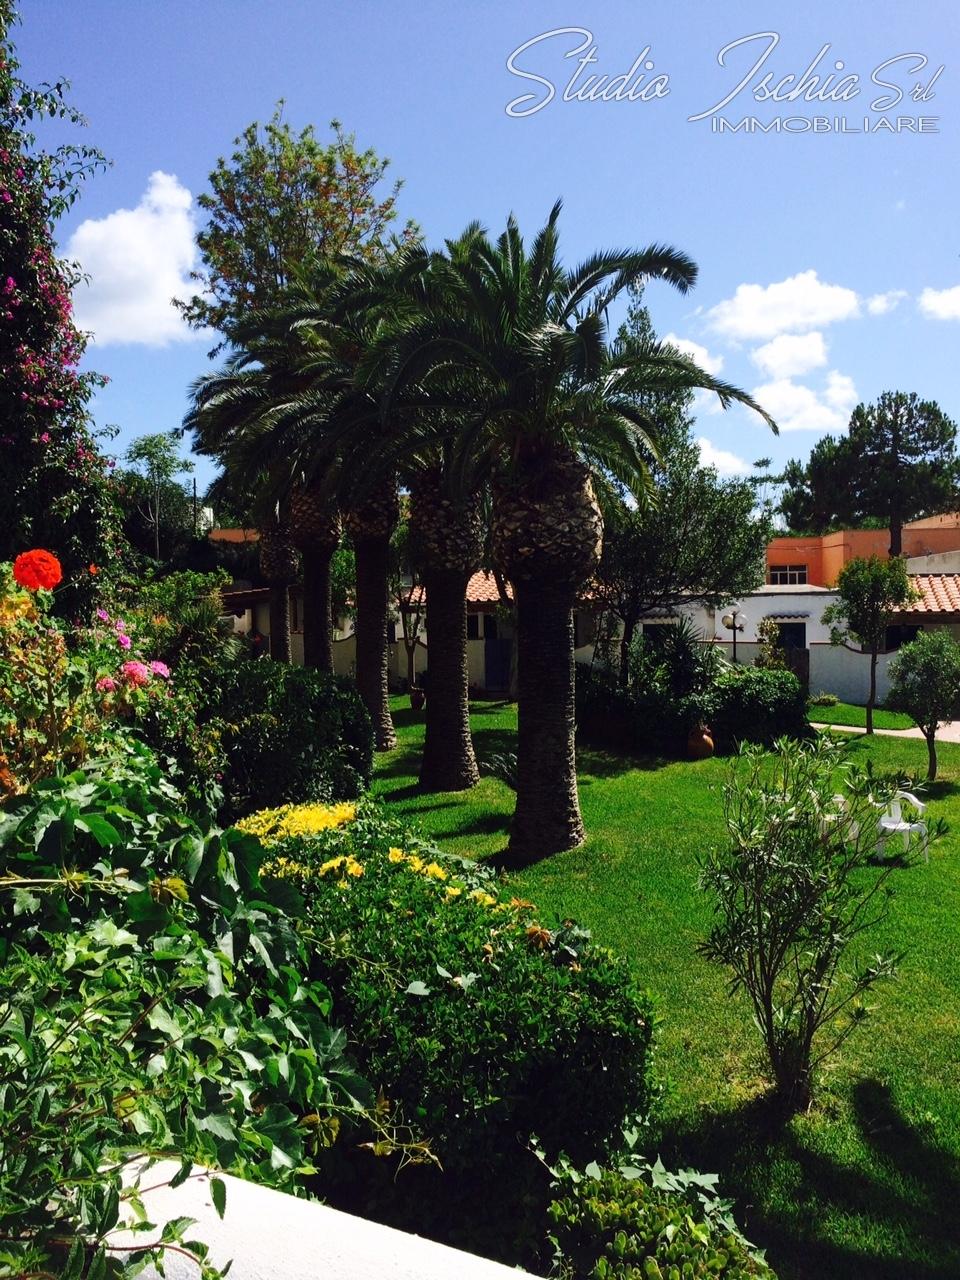 Appartamento in vendita a Forio, 1 locali, zona Località: Chiaia, Trattative riservate | CambioCasa.it